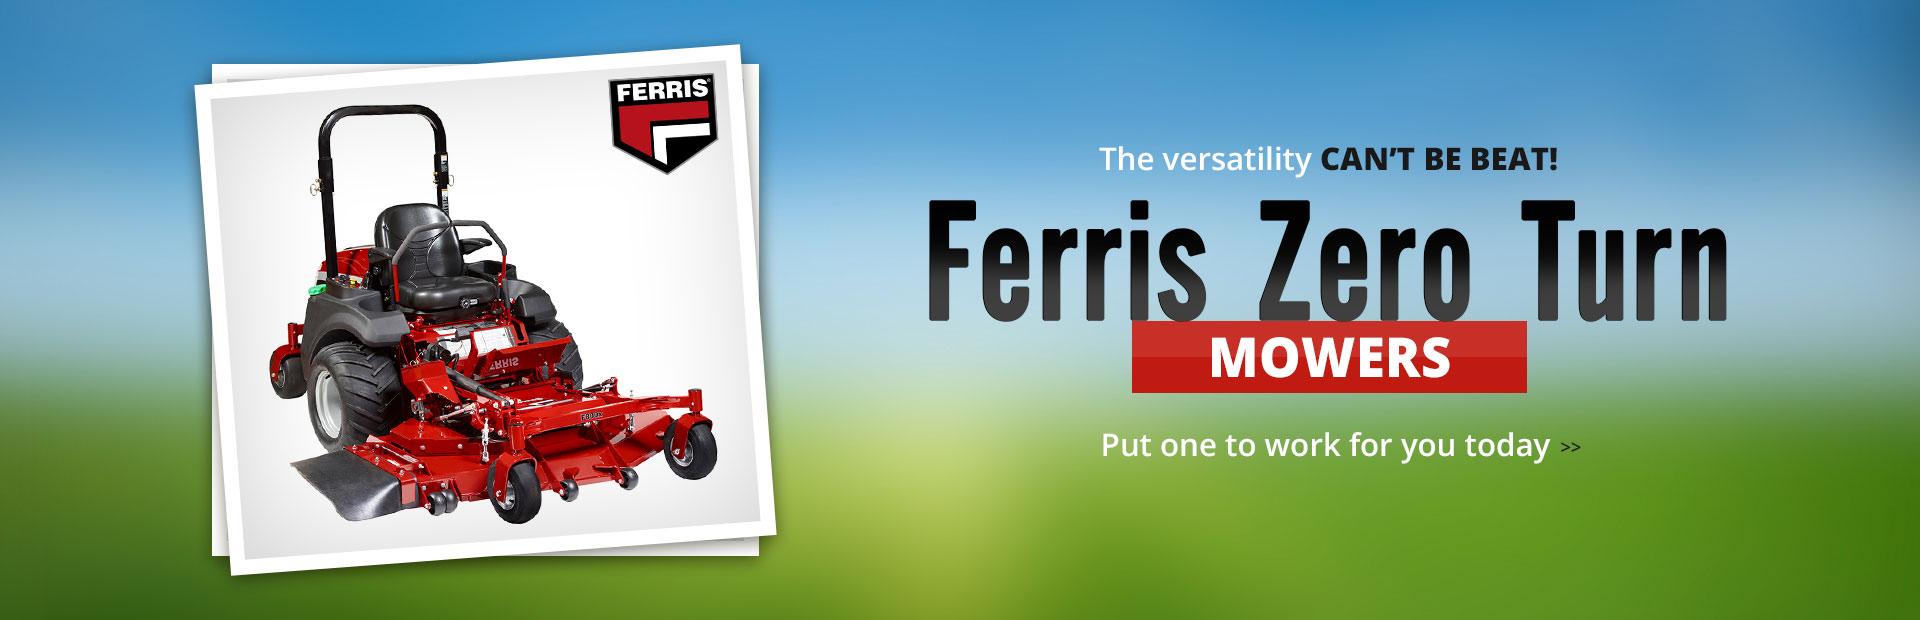 Click here to view Ferris zero-turn mowers.